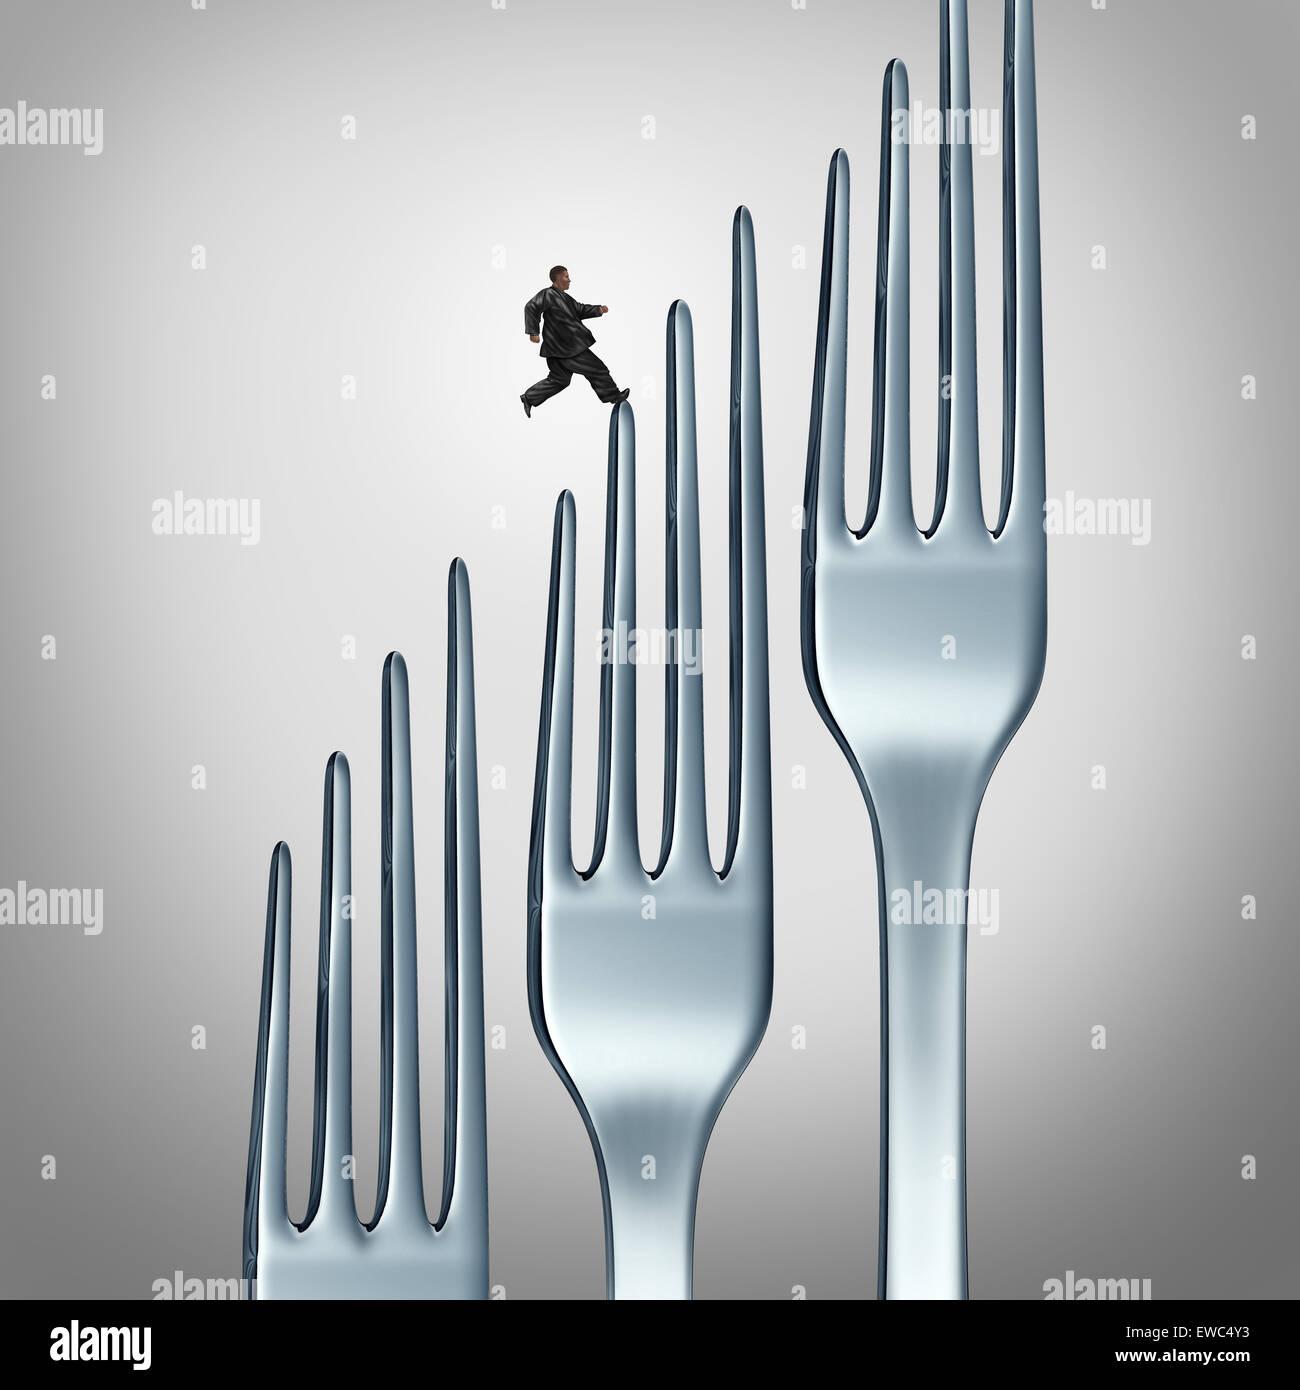 Gesunde Lebensweise Herausforderung und Fitness durch Bewegung und Ernährung gesunde Ernährung als eine Stockbild